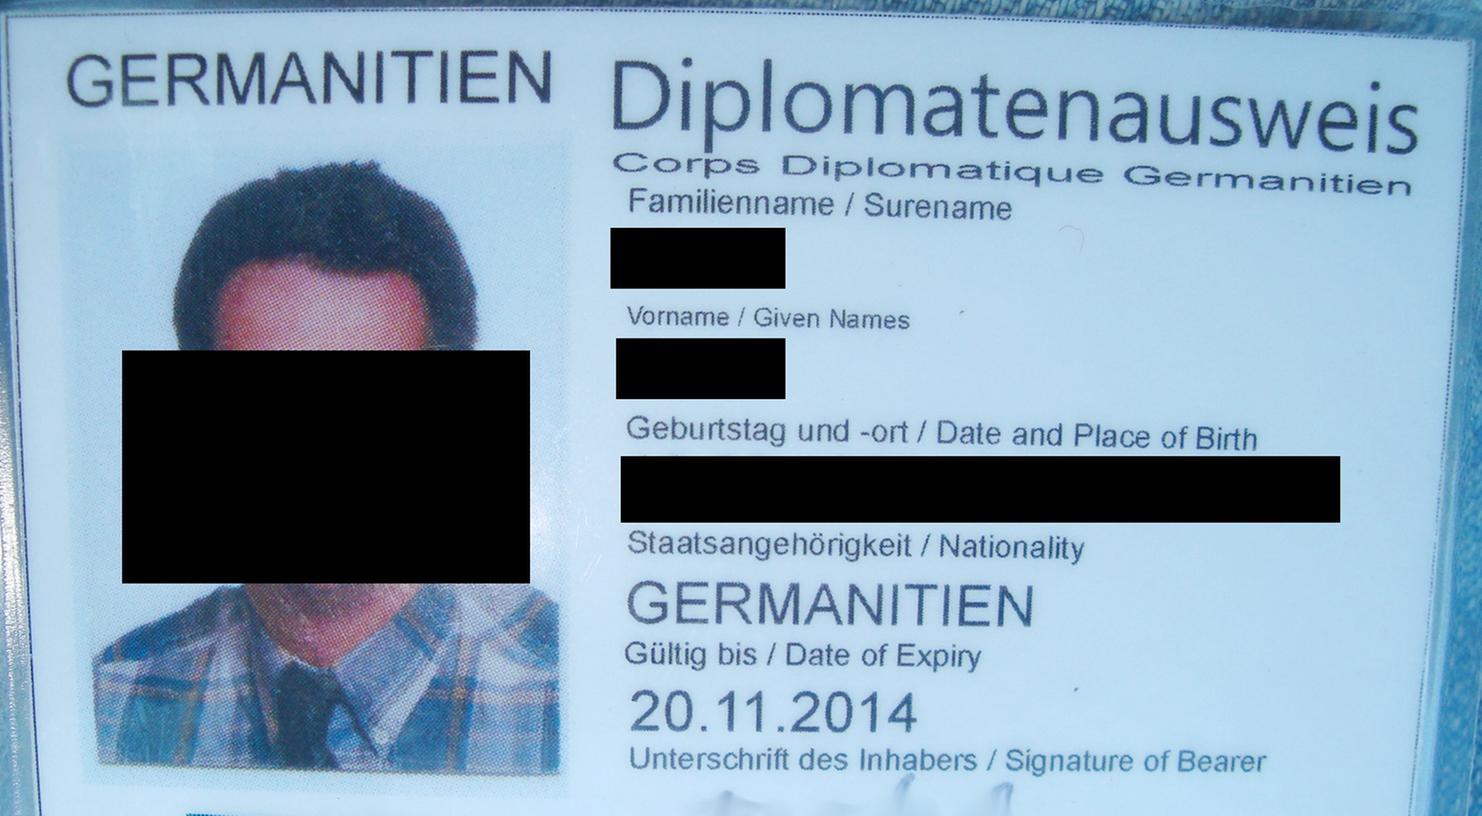 Wo liegt eigentlich dieses Germanitien? Mit einem gefälschten Diplomatenpass versuchte einer der Angeklagten wieder nach Deutschland einzureisen.